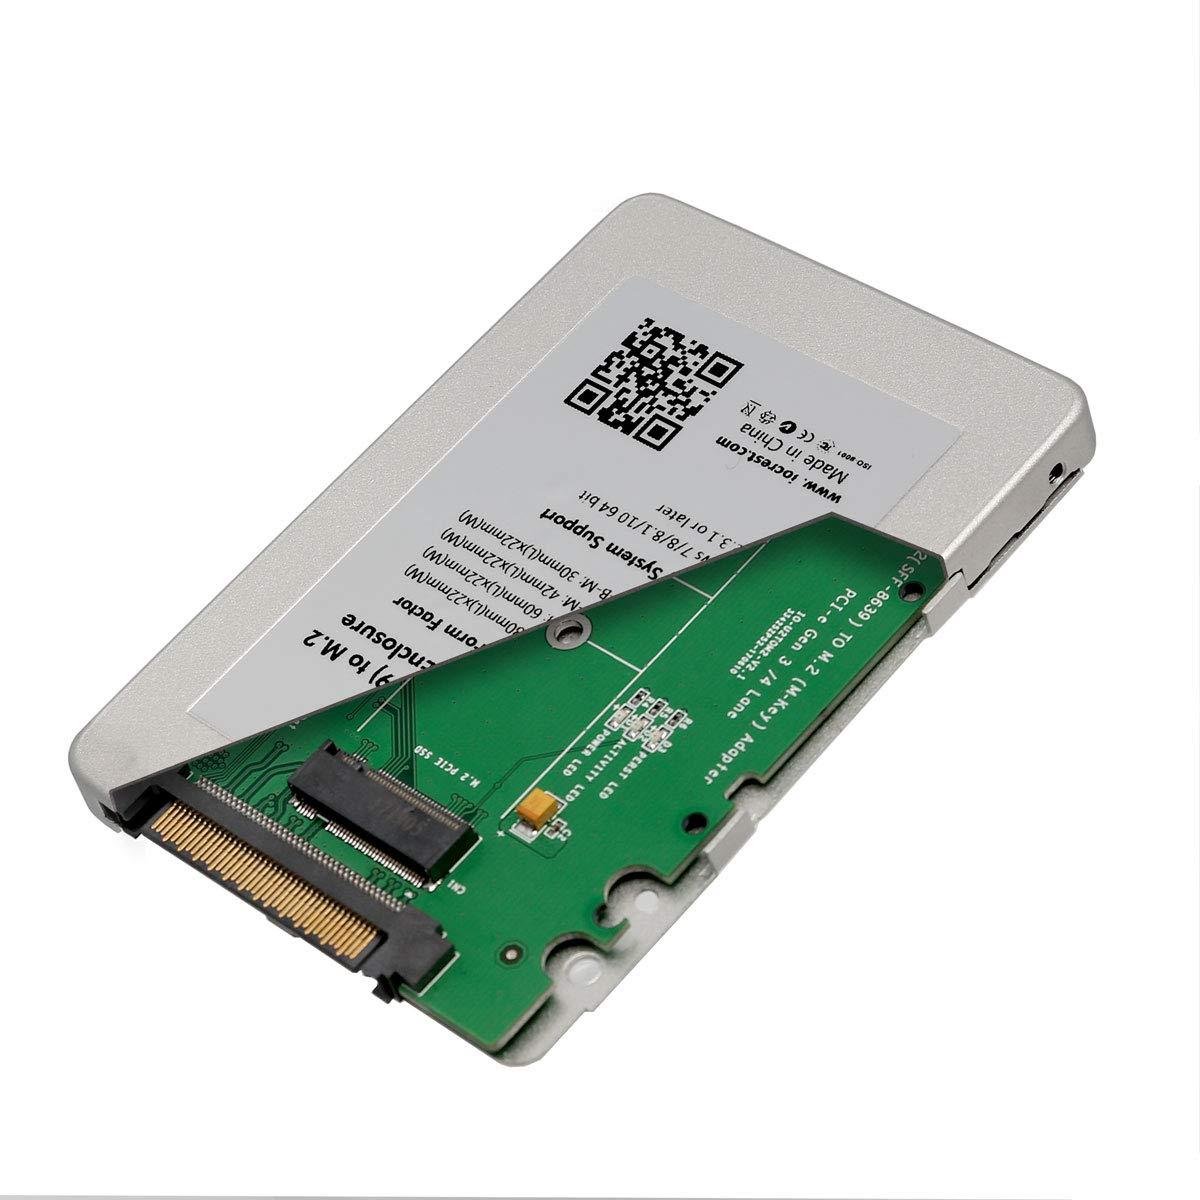 SYBA SY-ADA40112 SSD Enclosure 2.5